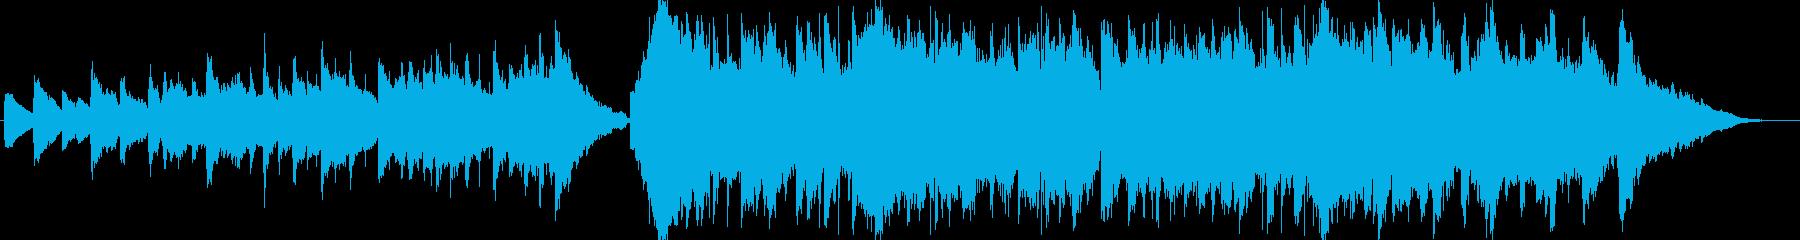 エンディング向きの爽やかな感動系の再生済みの波形